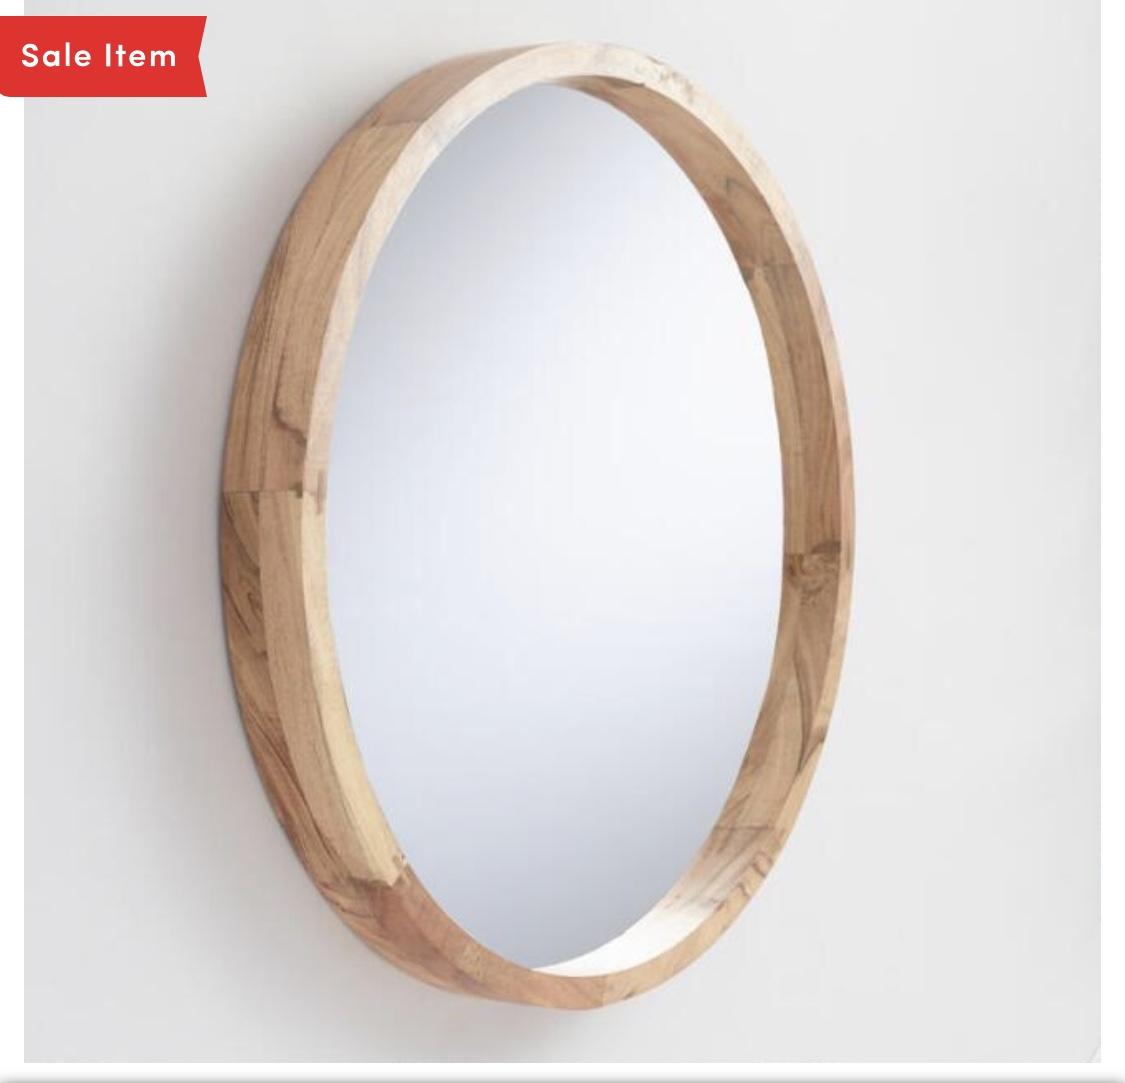 Round Wooden Mirror -